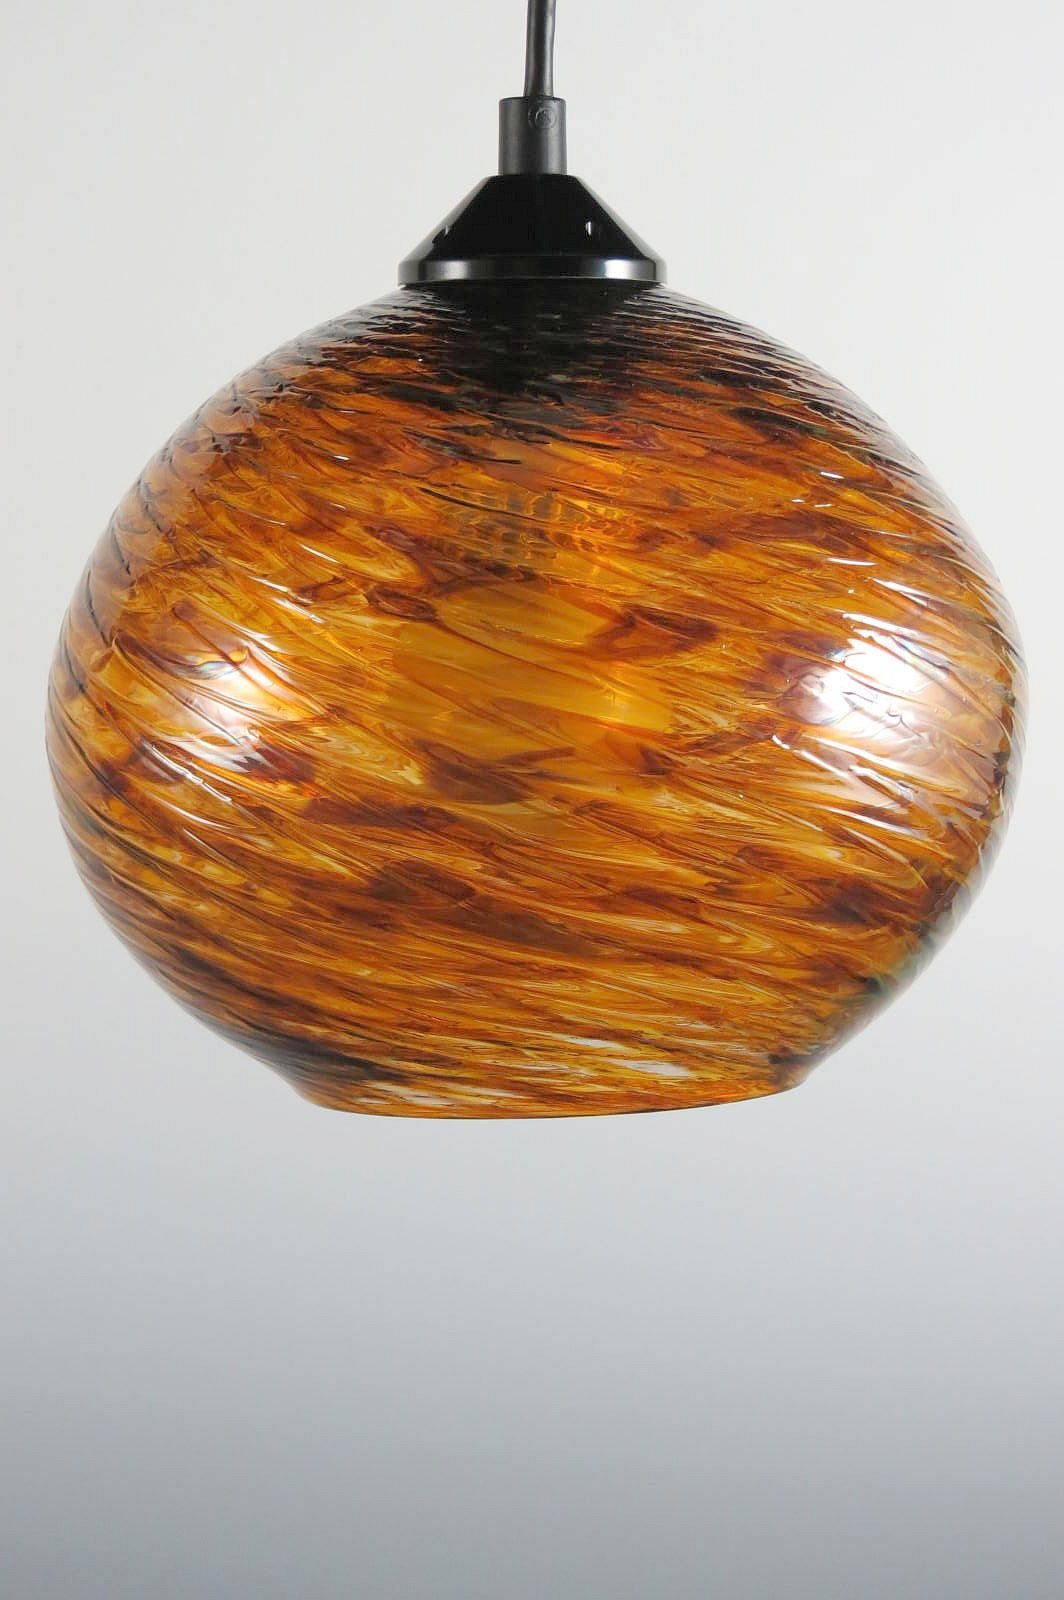 Tortoise Shell Clear Optic Globe Pendant By Mark Rosenbaum